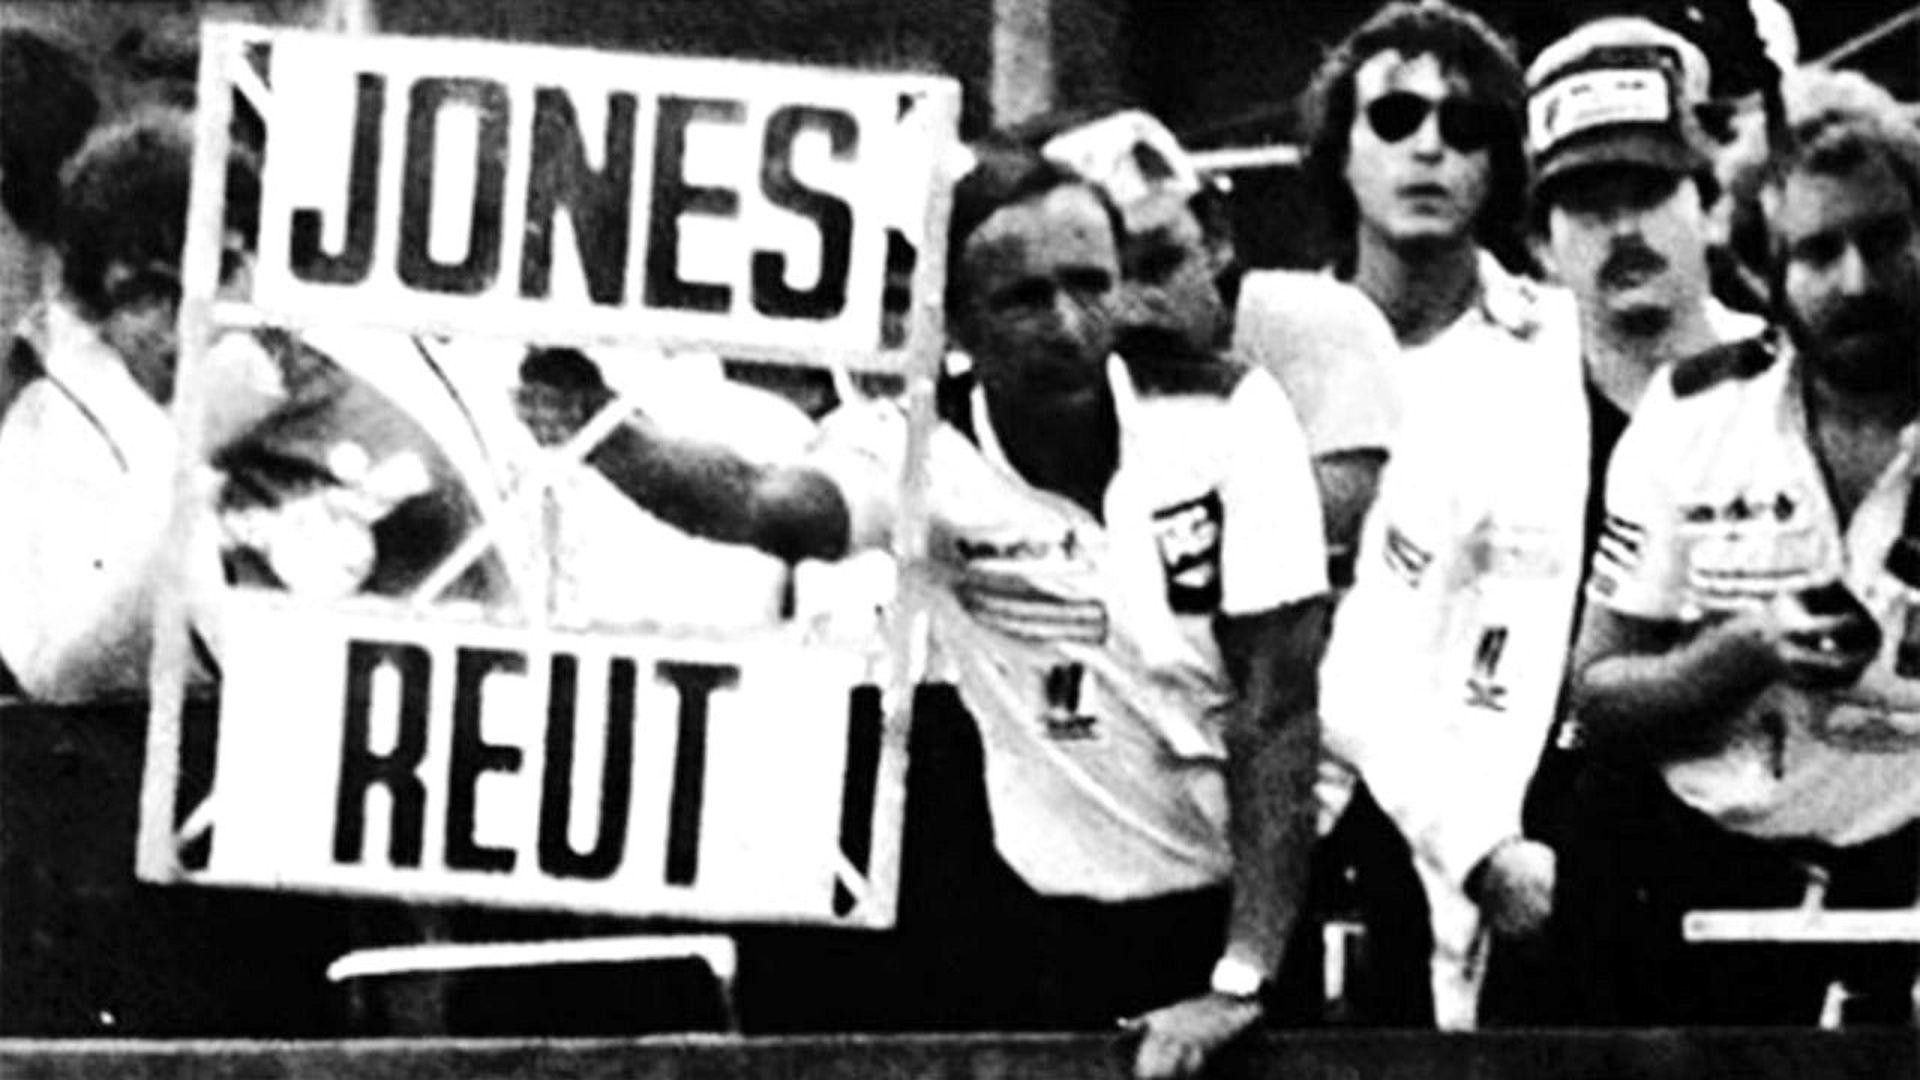 Jeff Hazzell, mánager del equipo Williams, enseña el cartel con el que la escudería ordenó el cambio de posiciones en Jacarepaguá; Carlos Reutemann desobedeció y ganó el Gran Premio de Brasil 1981